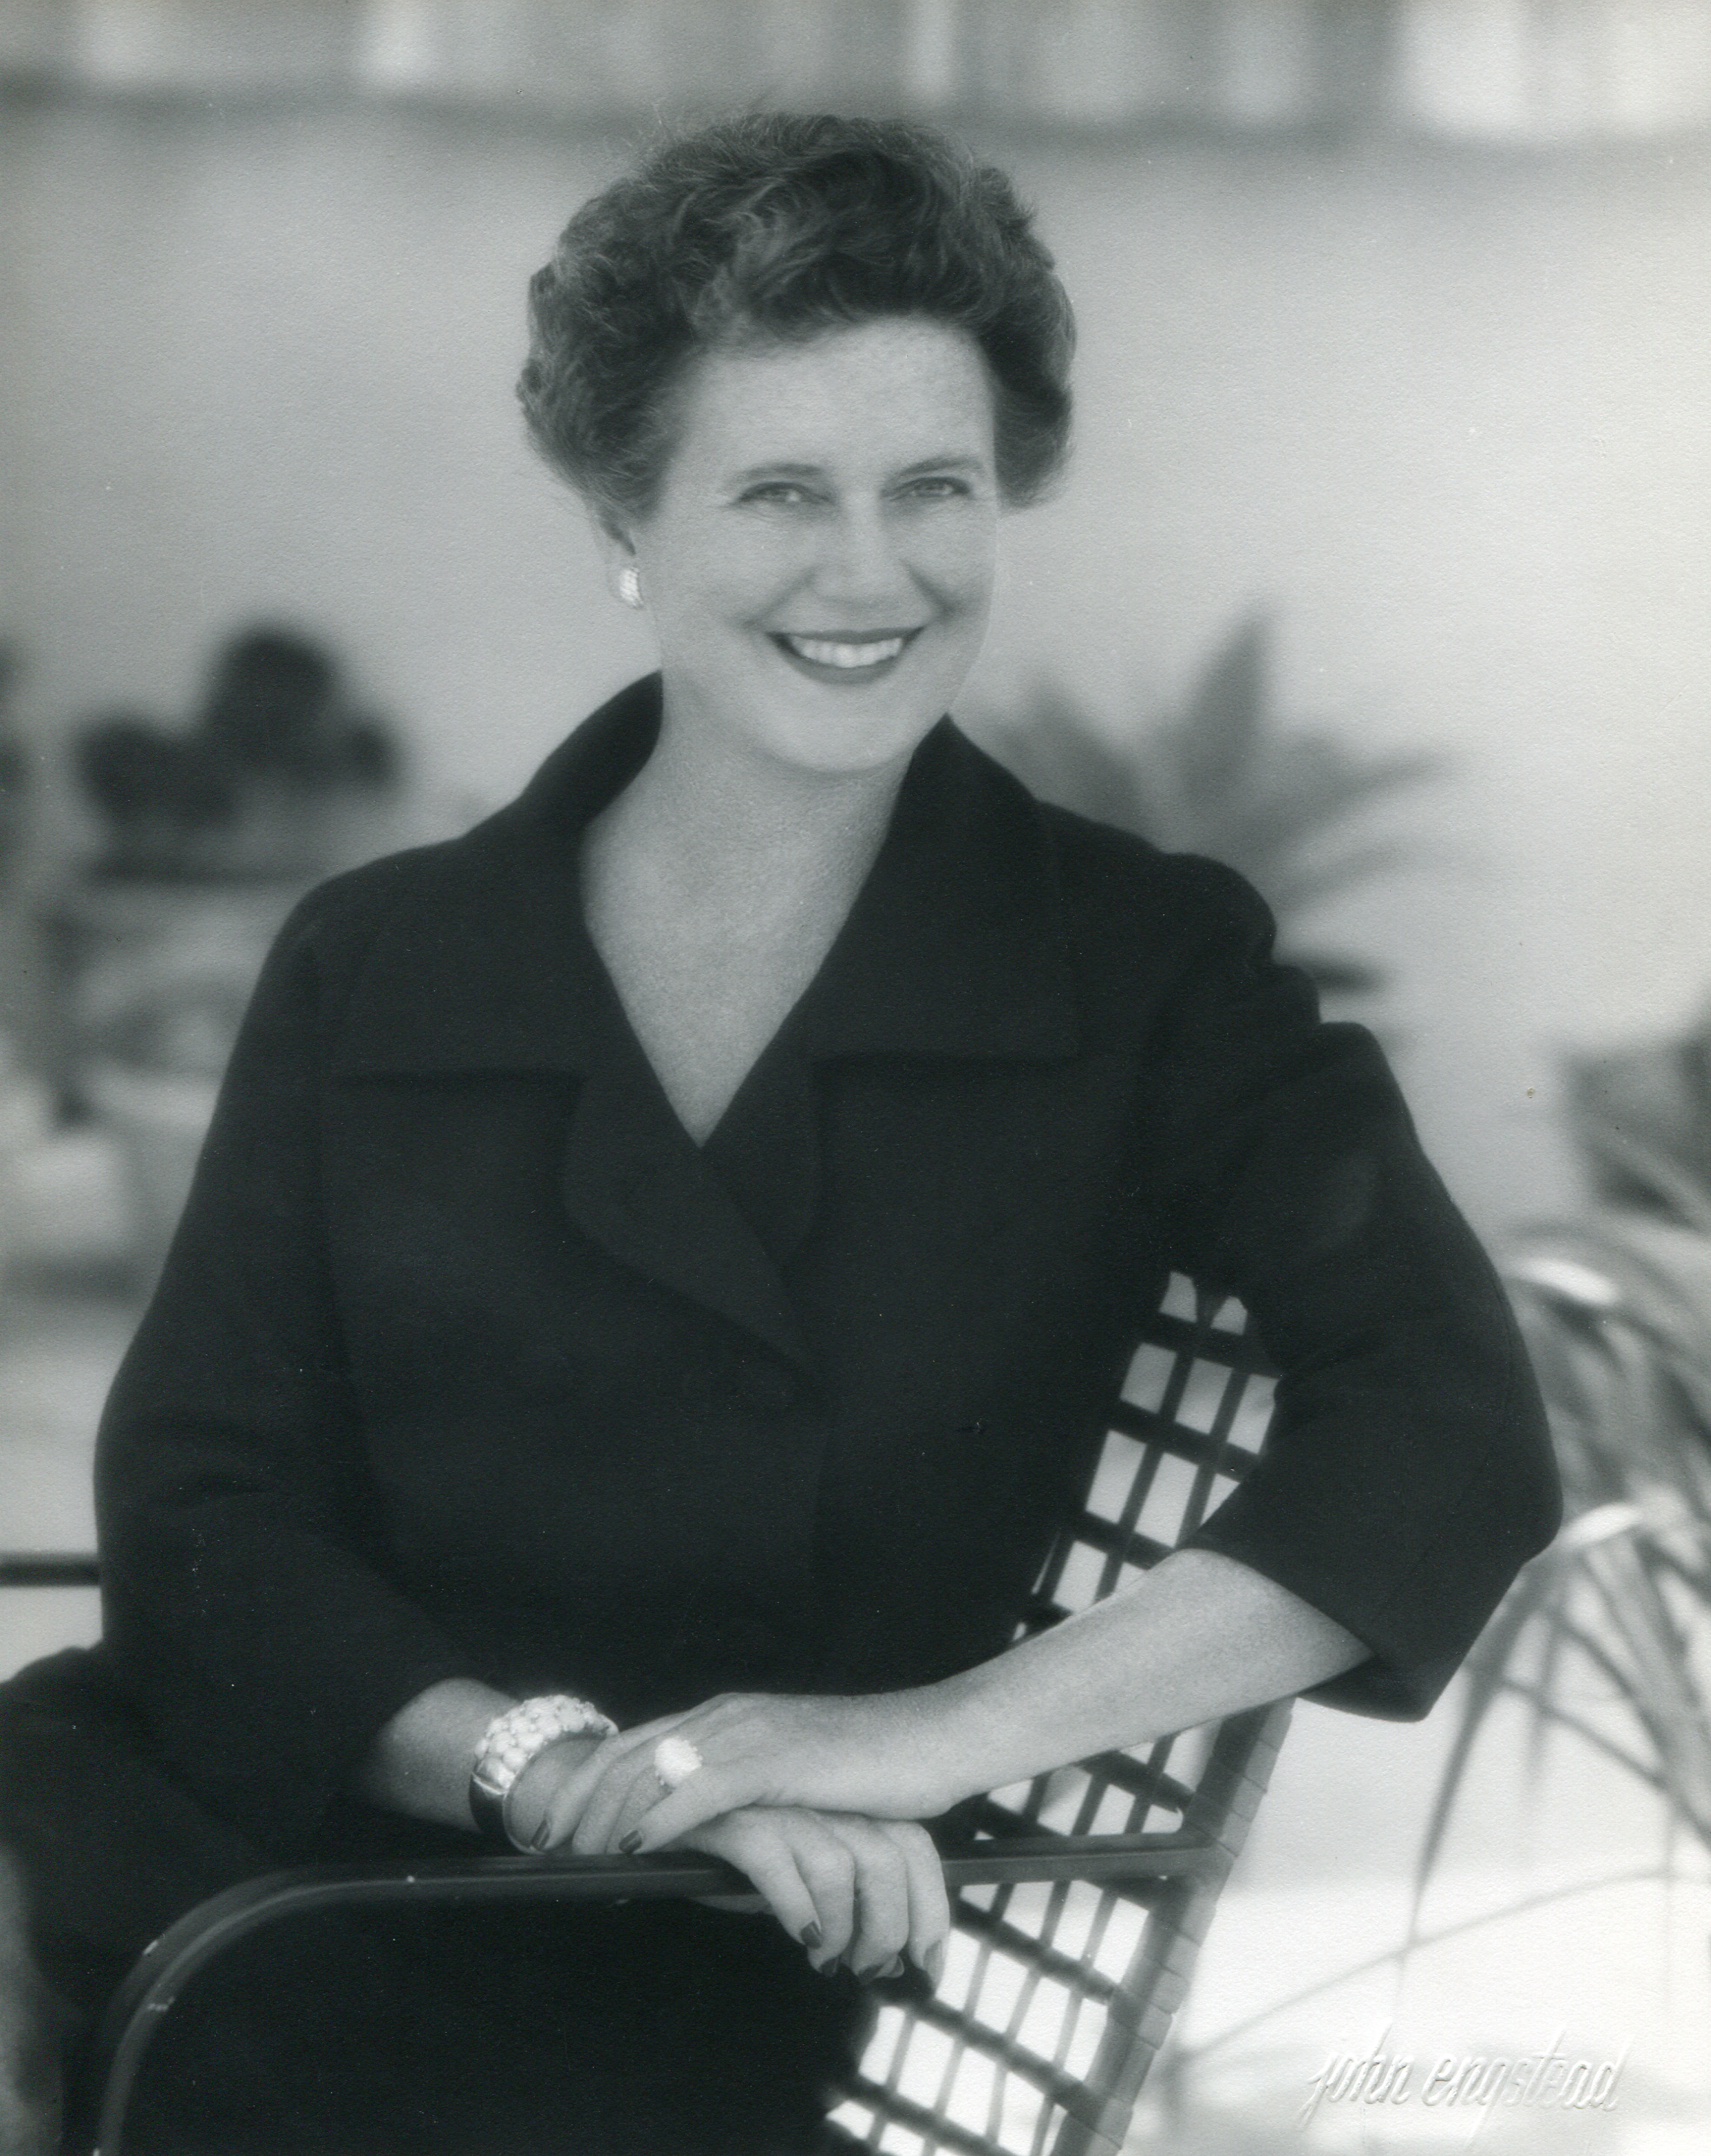 Un retrato en blanco y negro de Dorothy Chandler sentada al aire libre, sonriendo a la cámara.